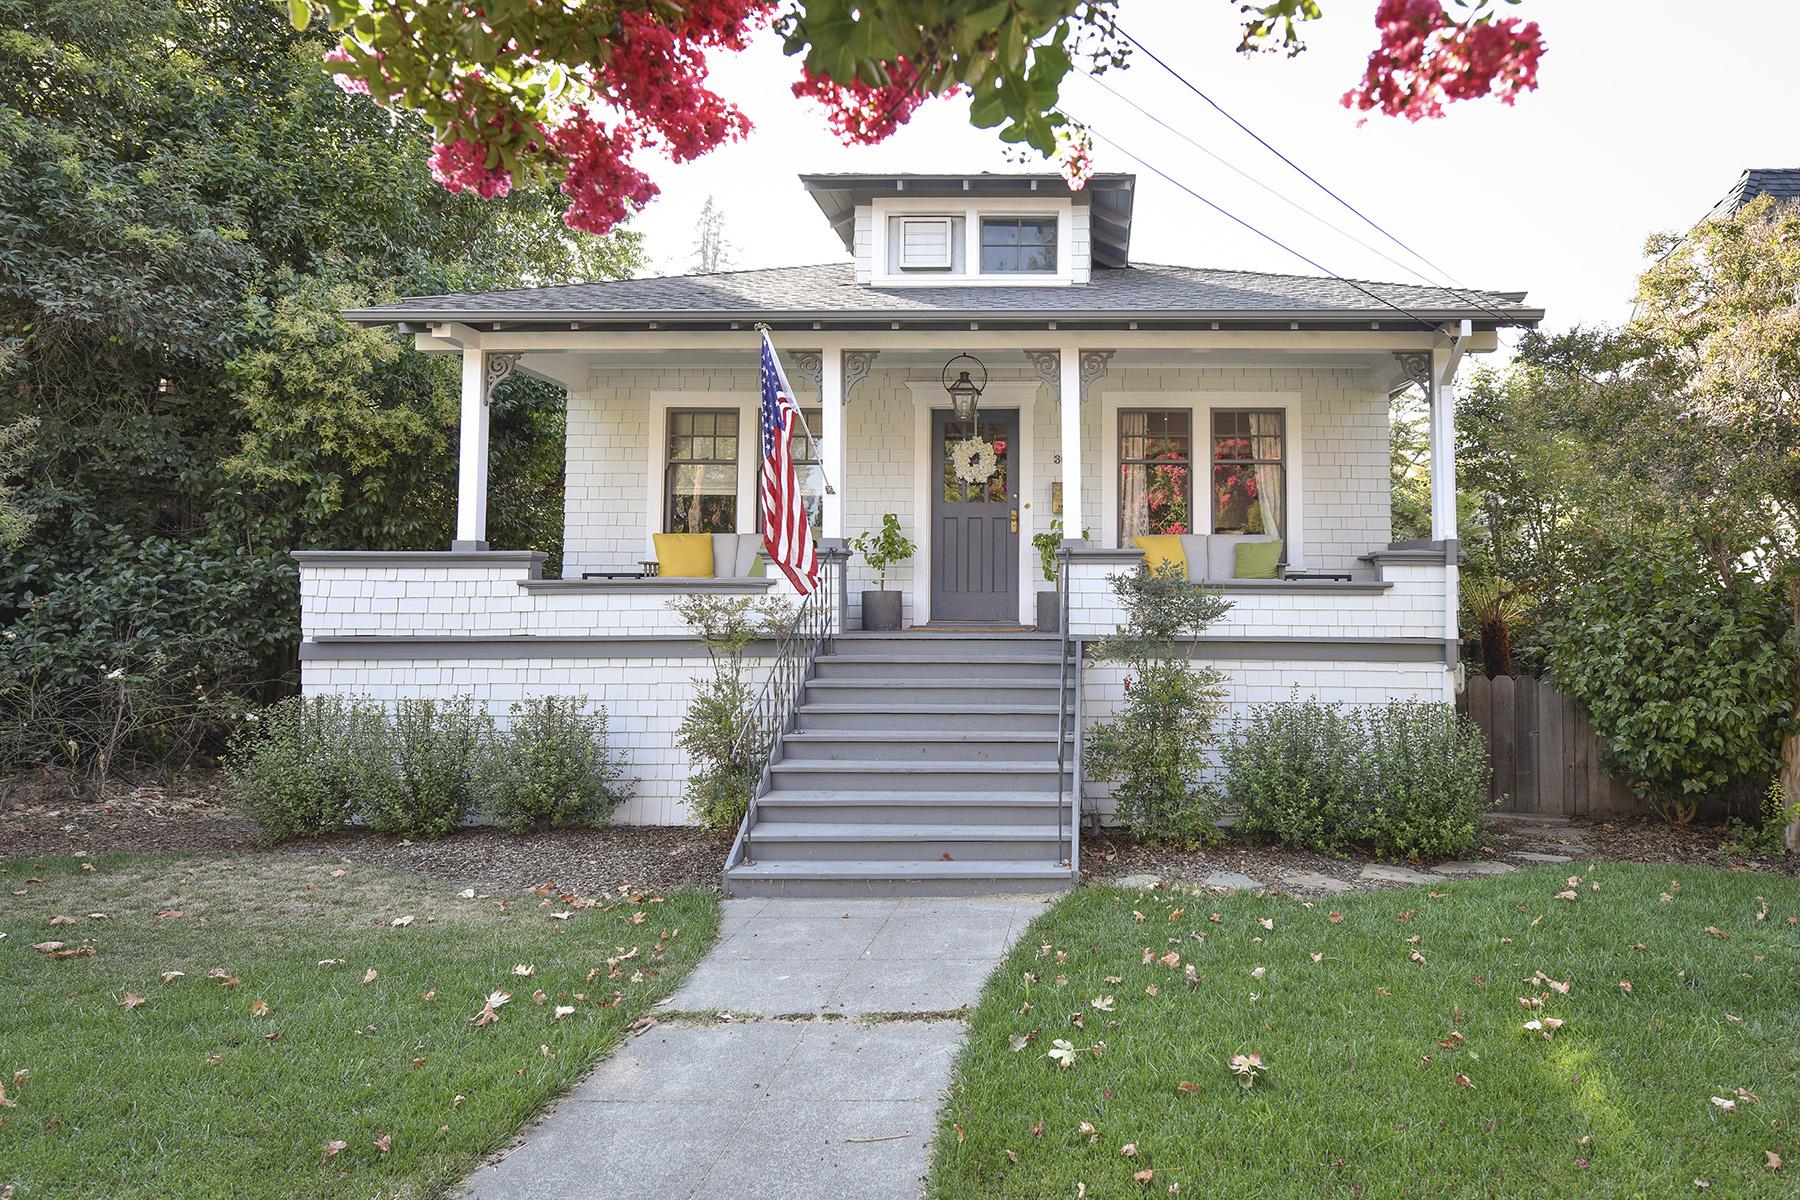 단독 가정 주택 용 매매 에 367 Randolph St, Napa, CA 94559 367 Randolph St Napa, 캘리포니아, 94559 미국